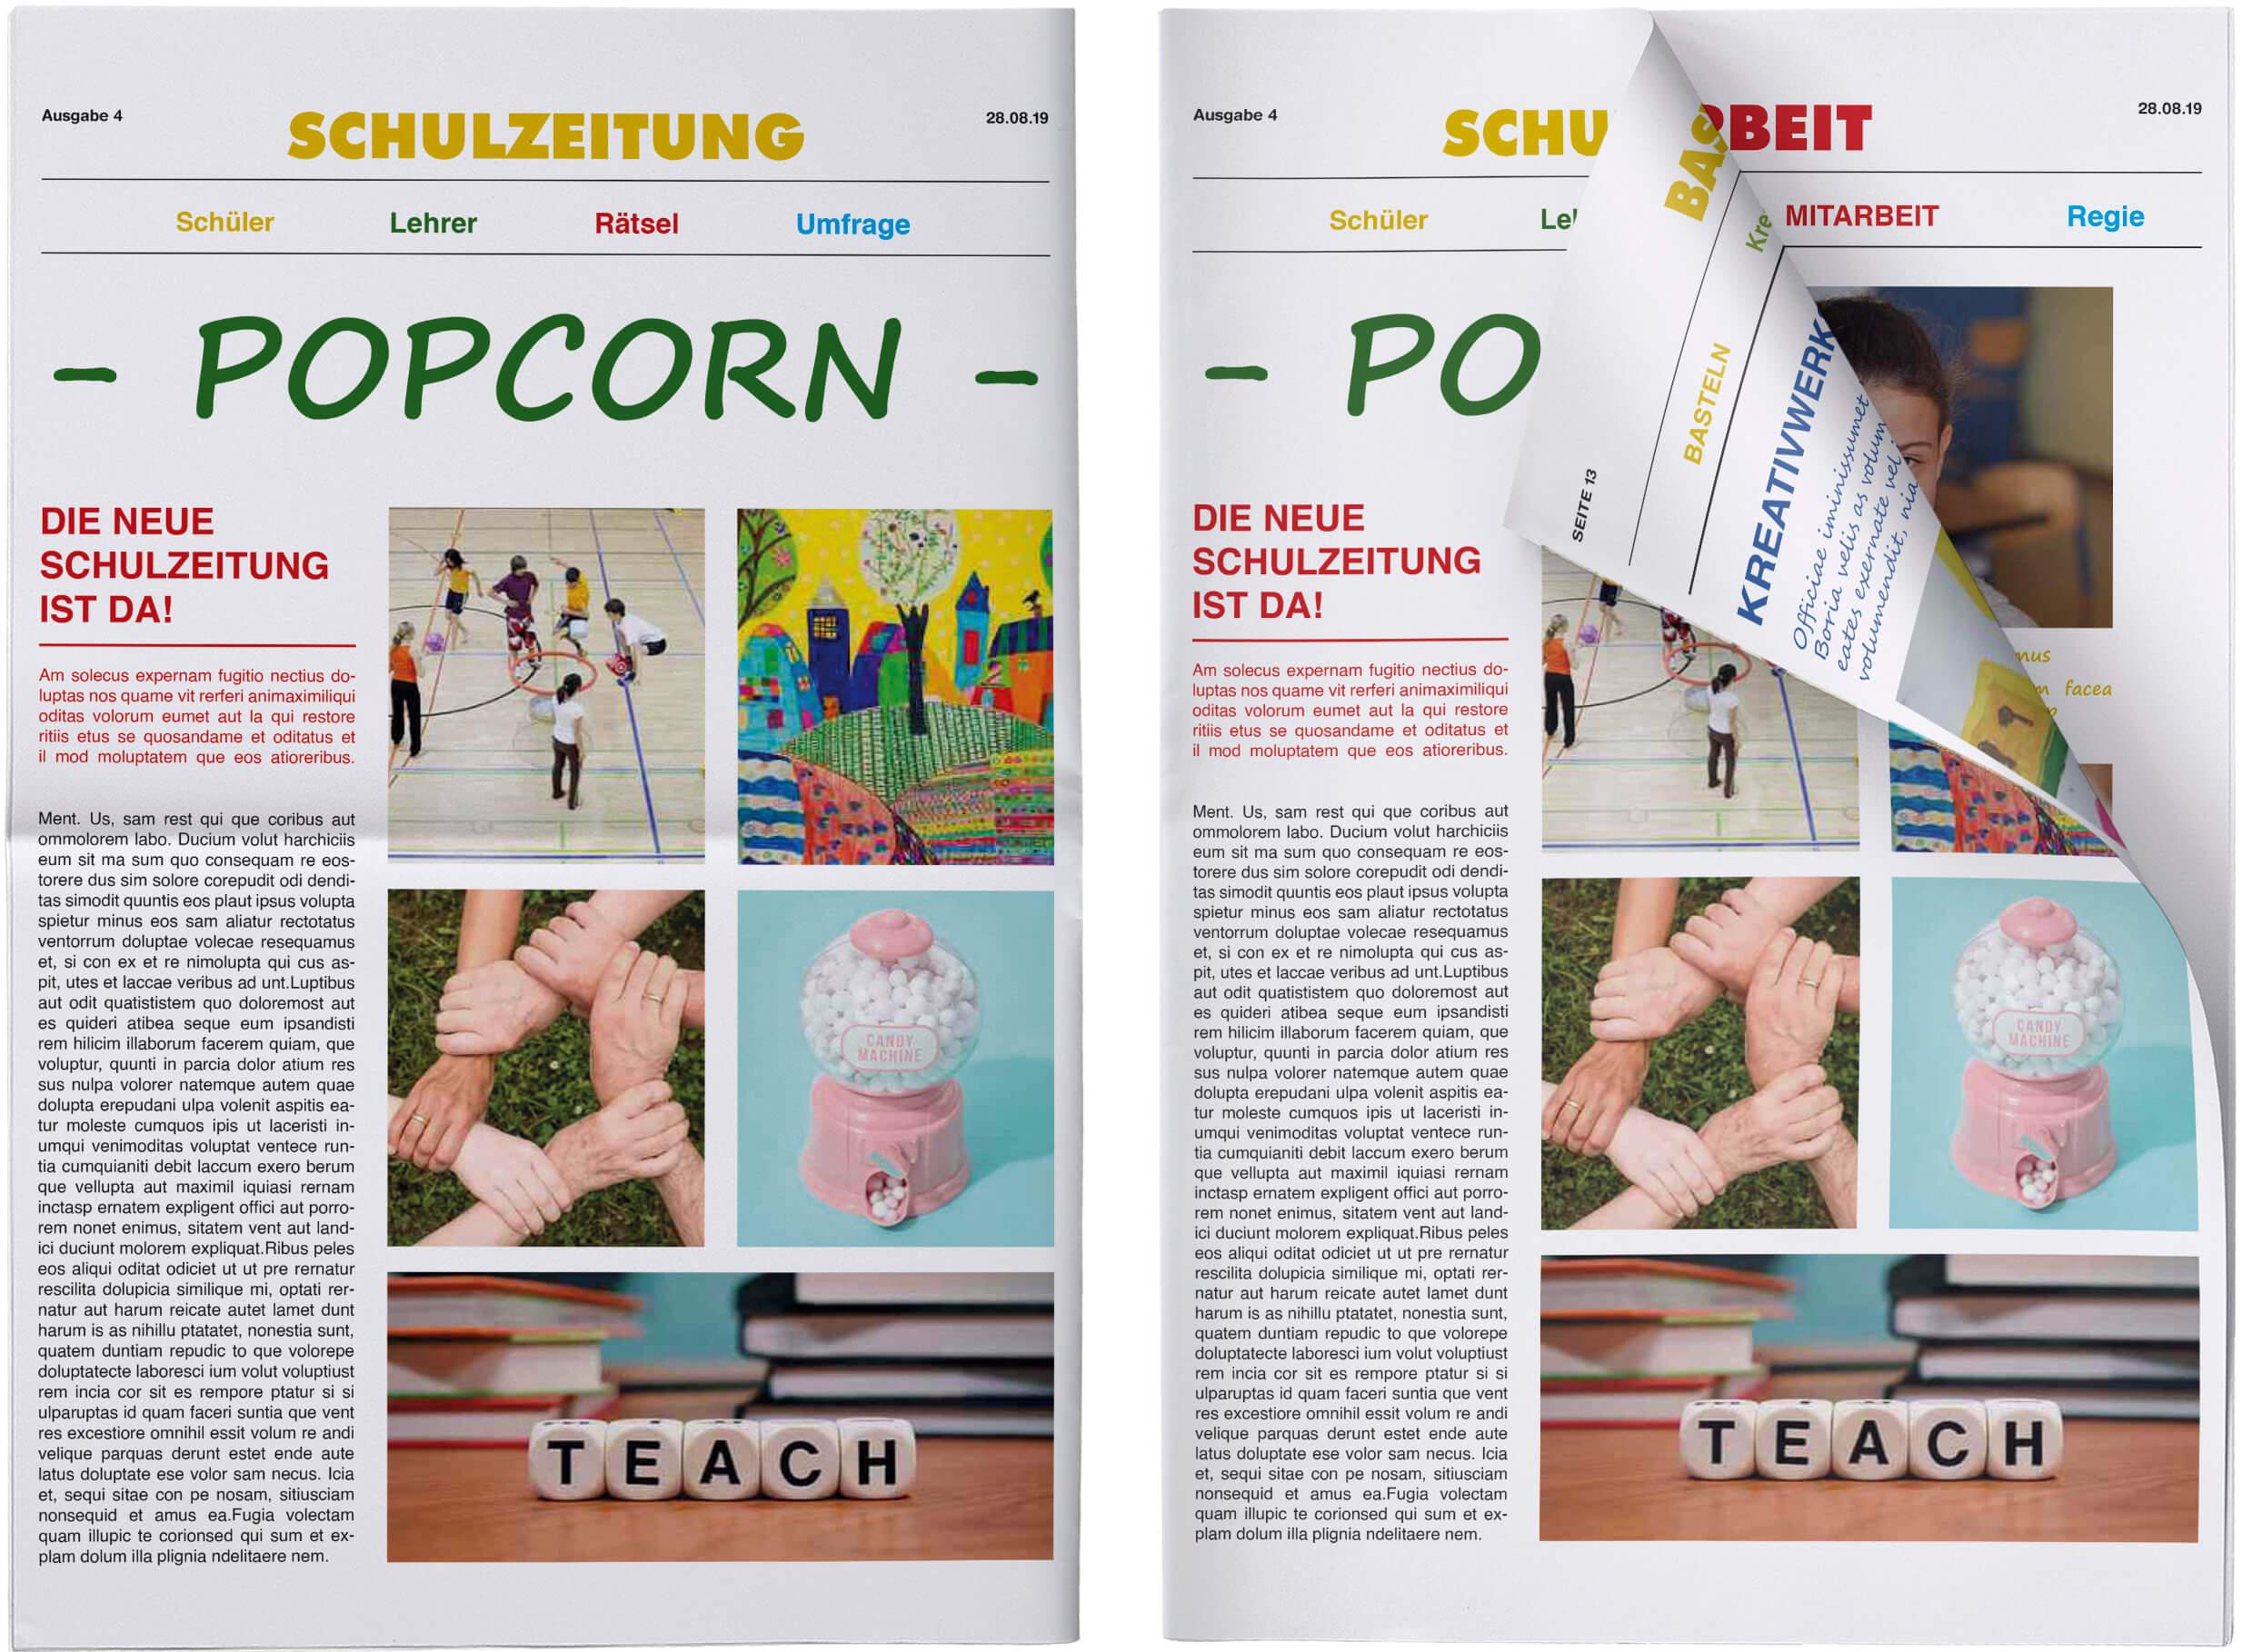 Schuelerzeitung Titelseite geknickt und ungeknickt